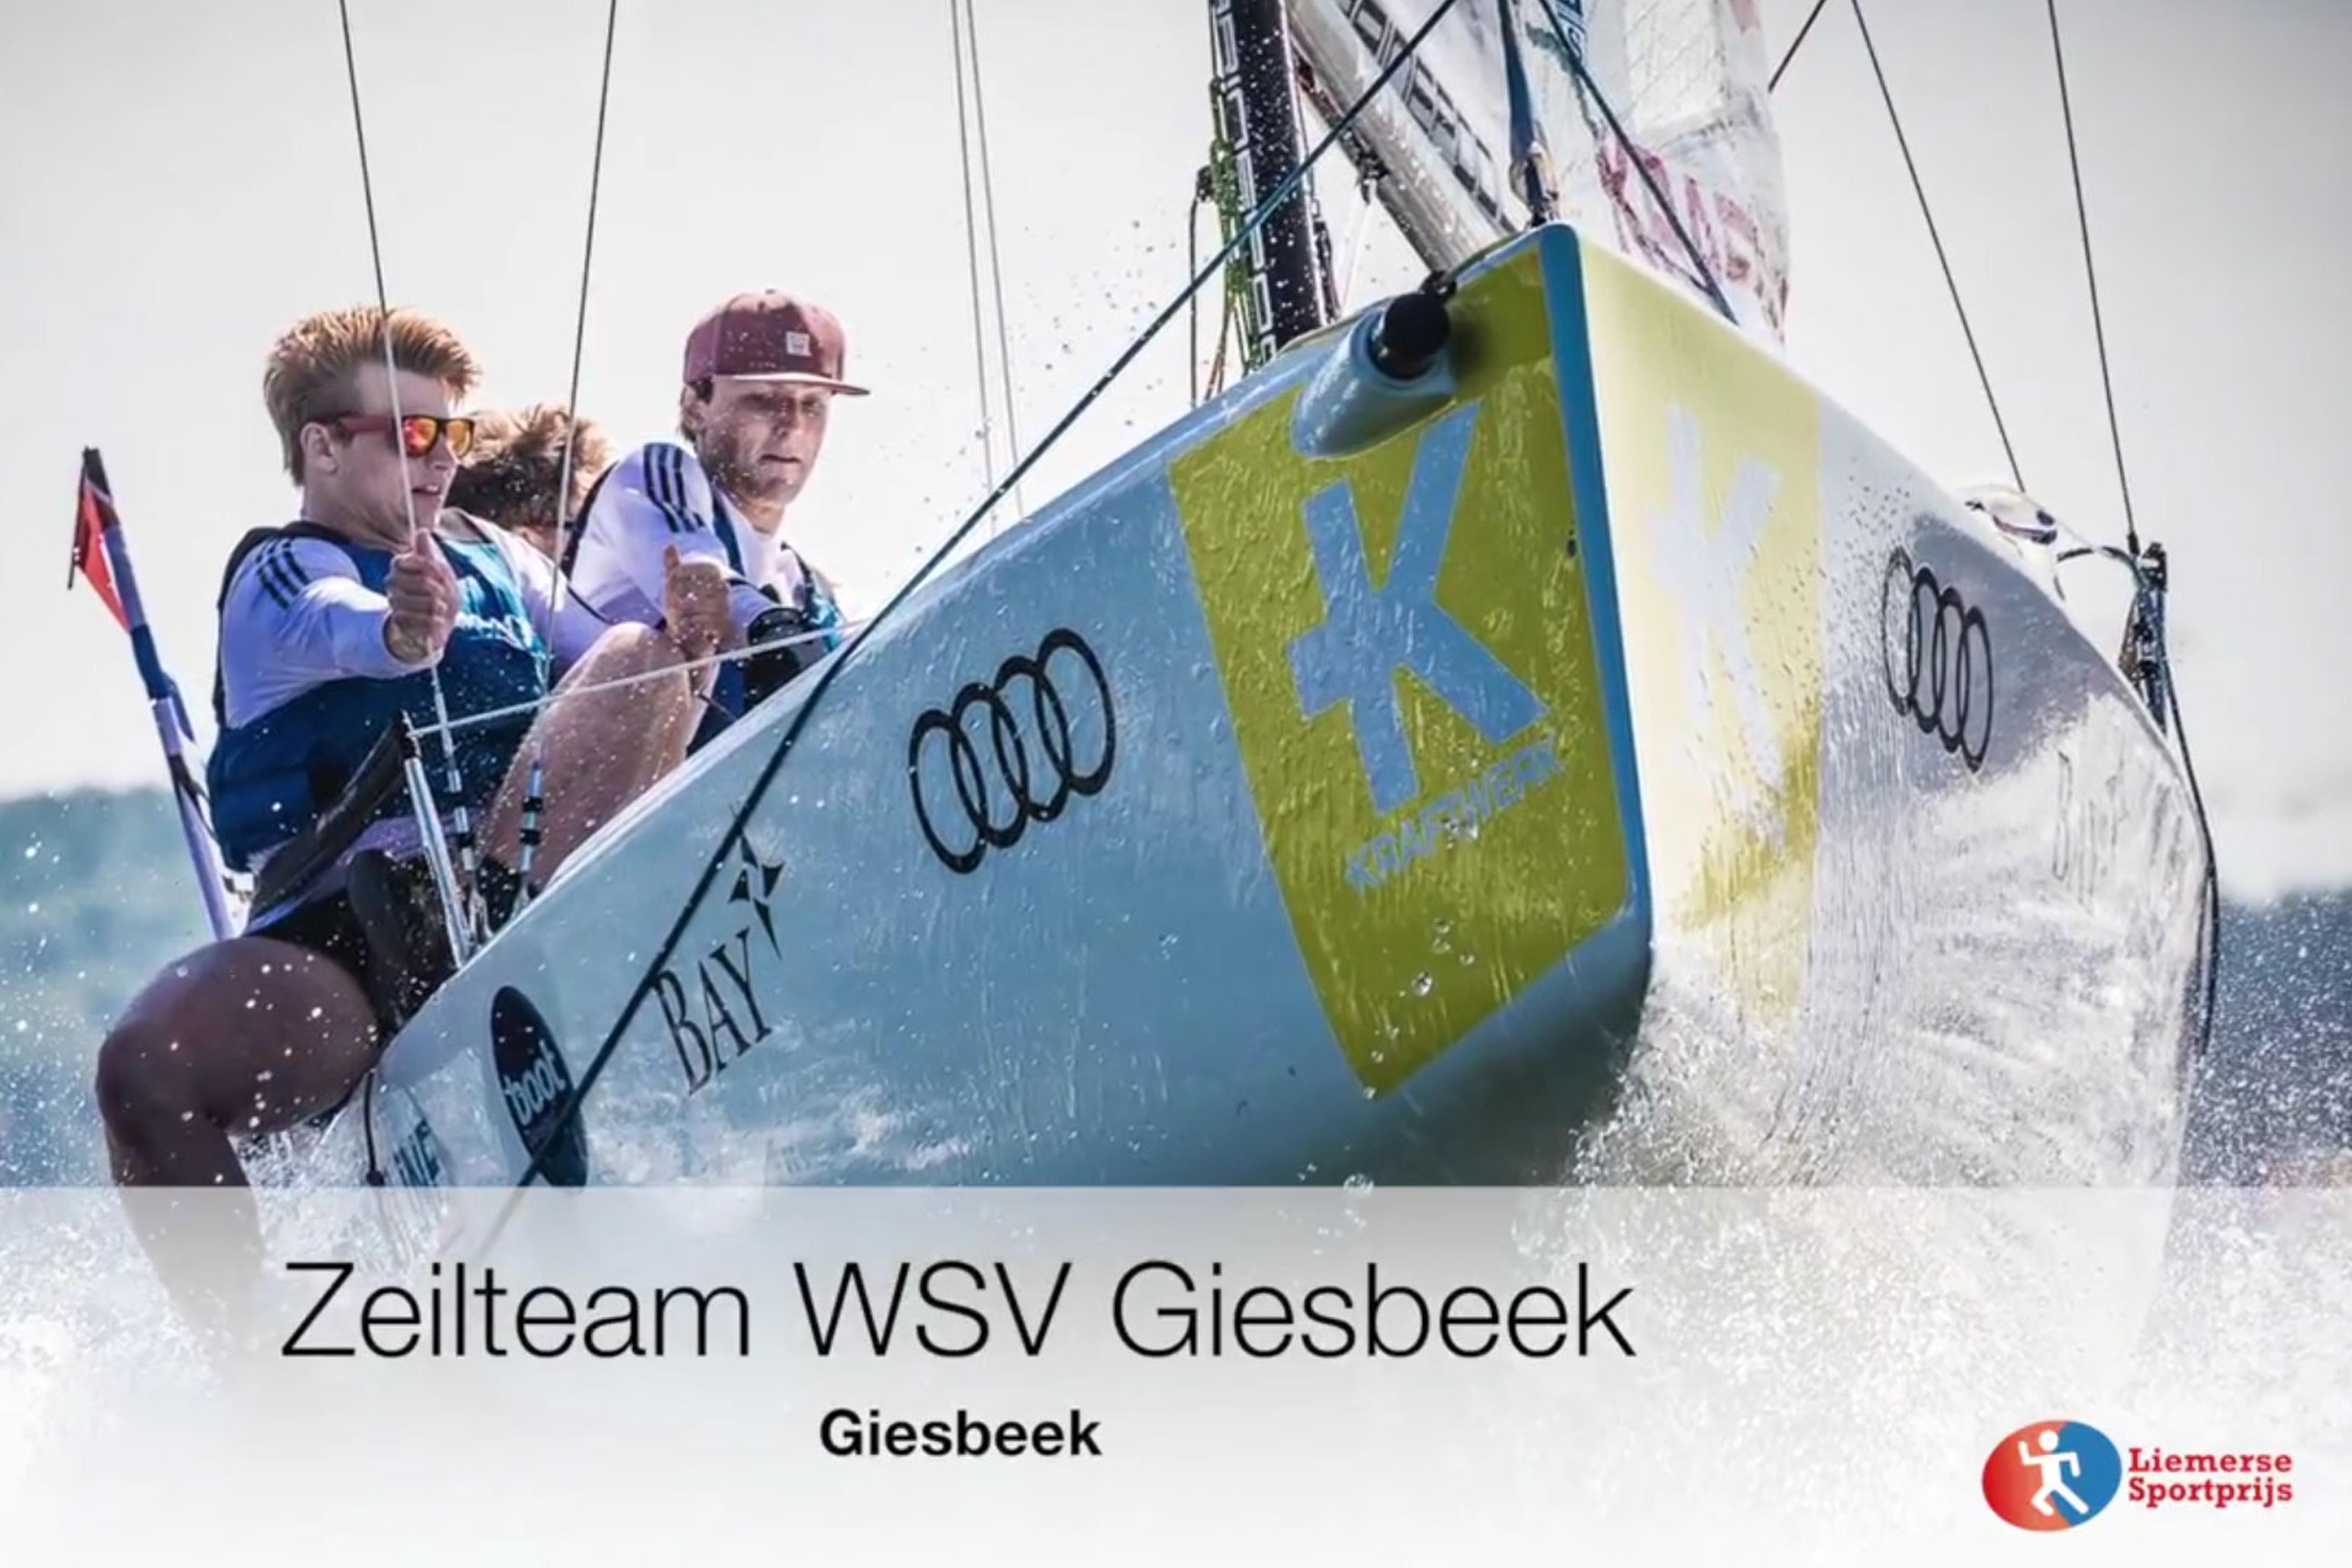 Stem op het Liemerse Sportteam van 2018!